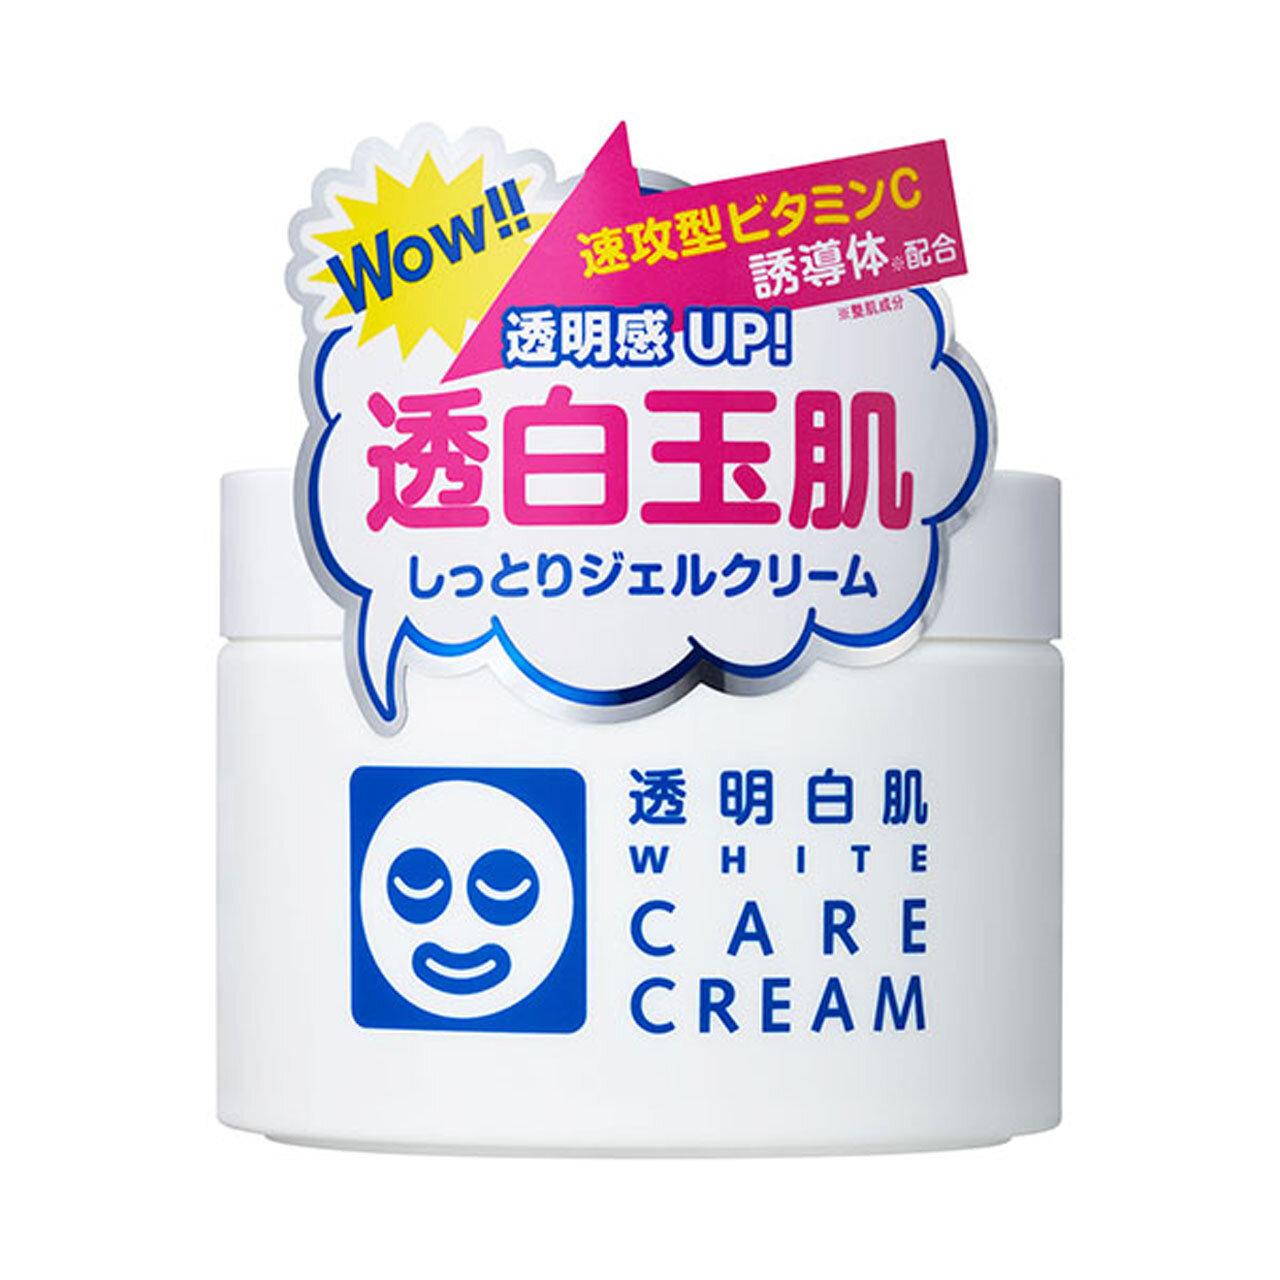 透明白肌 ホワイトケアクリーム